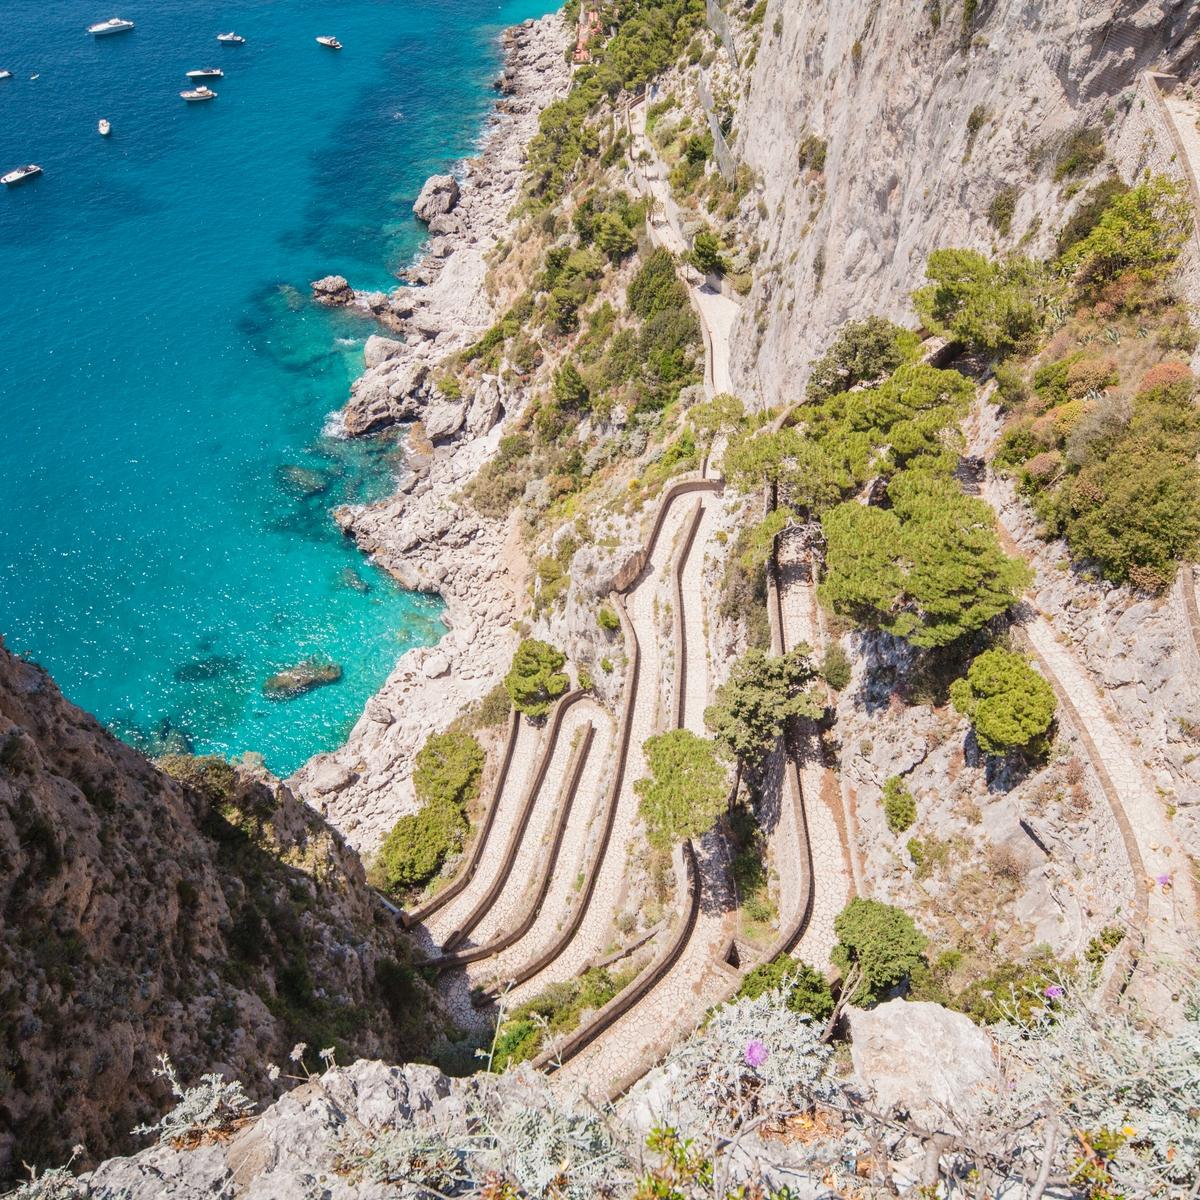 Spiagge di Napoli: Marina Piccola